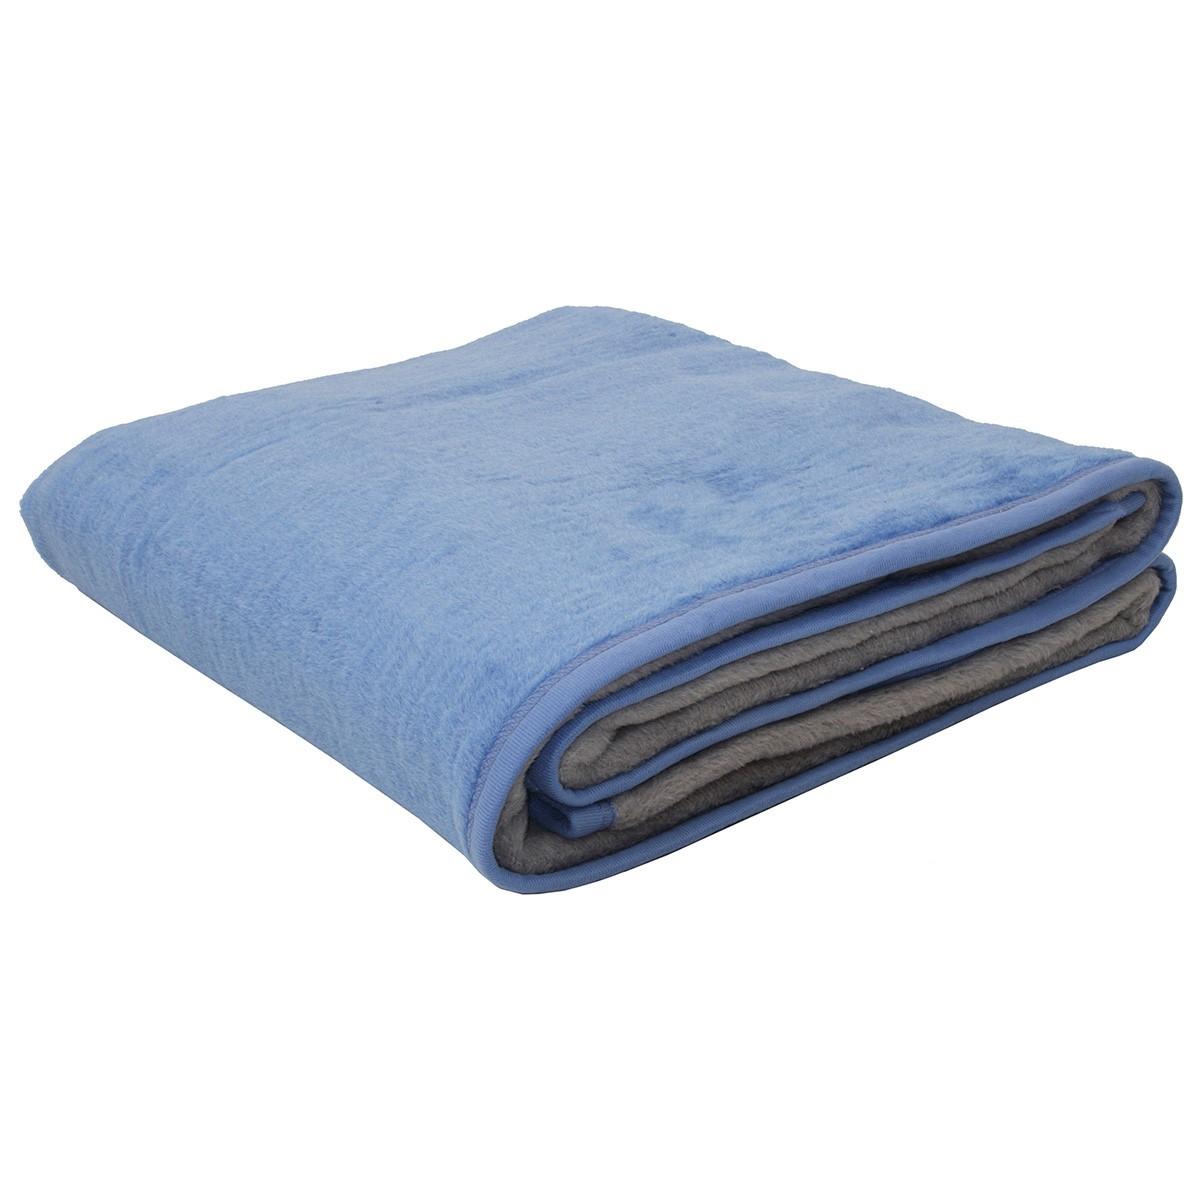 Κουβέρτα Ακρυλική Μονή 2 Όψεων Viopros Σιέλ/Γκρι home   κρεβατοκάμαρα   κουβέρτες   κουβέρτες βελουτέ μονές